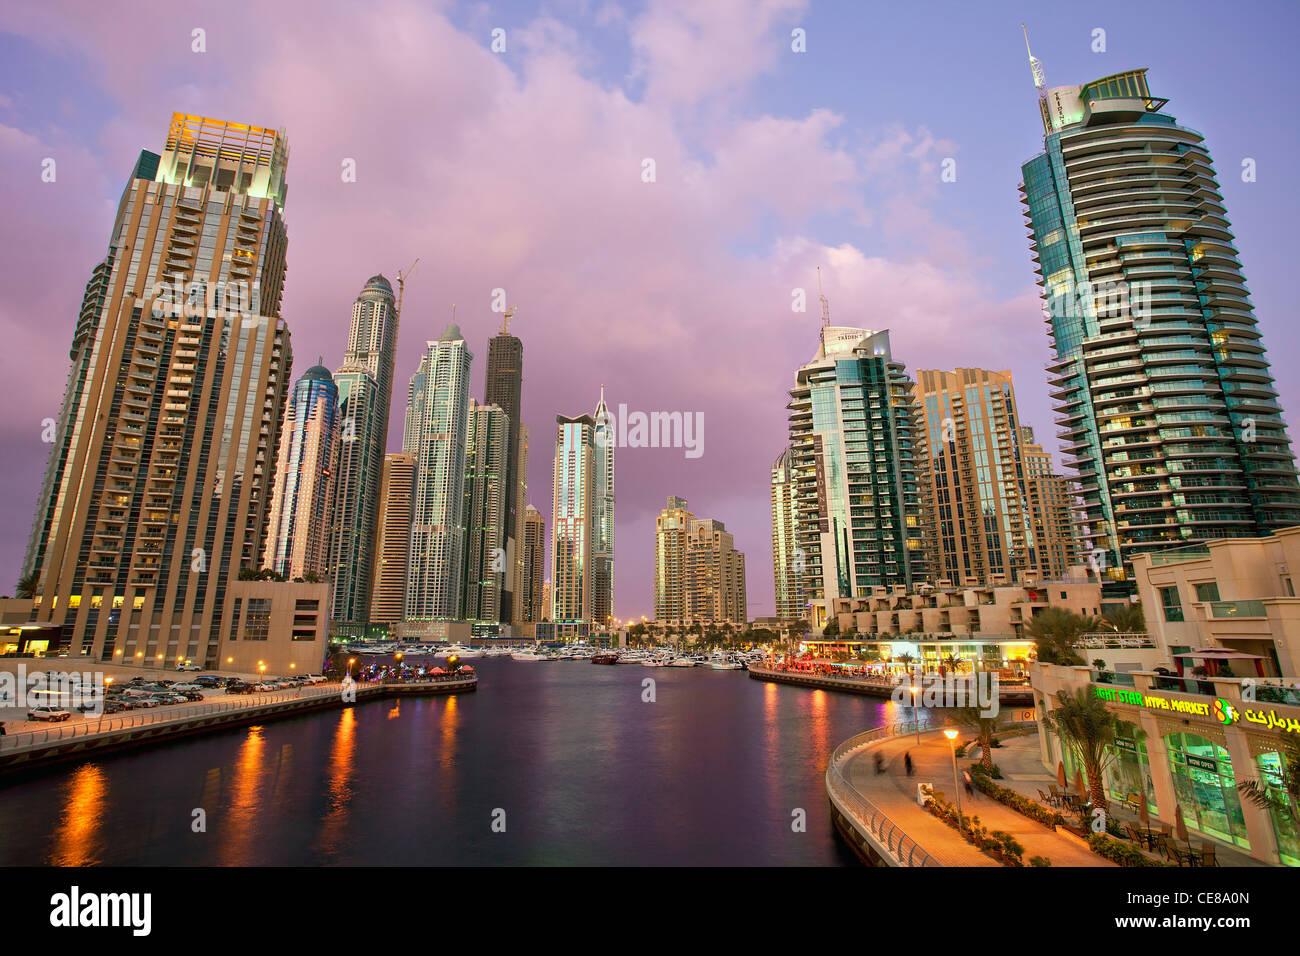 Asien, Arabien, Emirat Dubai, Dubai, Hafen und Wolkenkratzer von Dubai Marina Stockbild